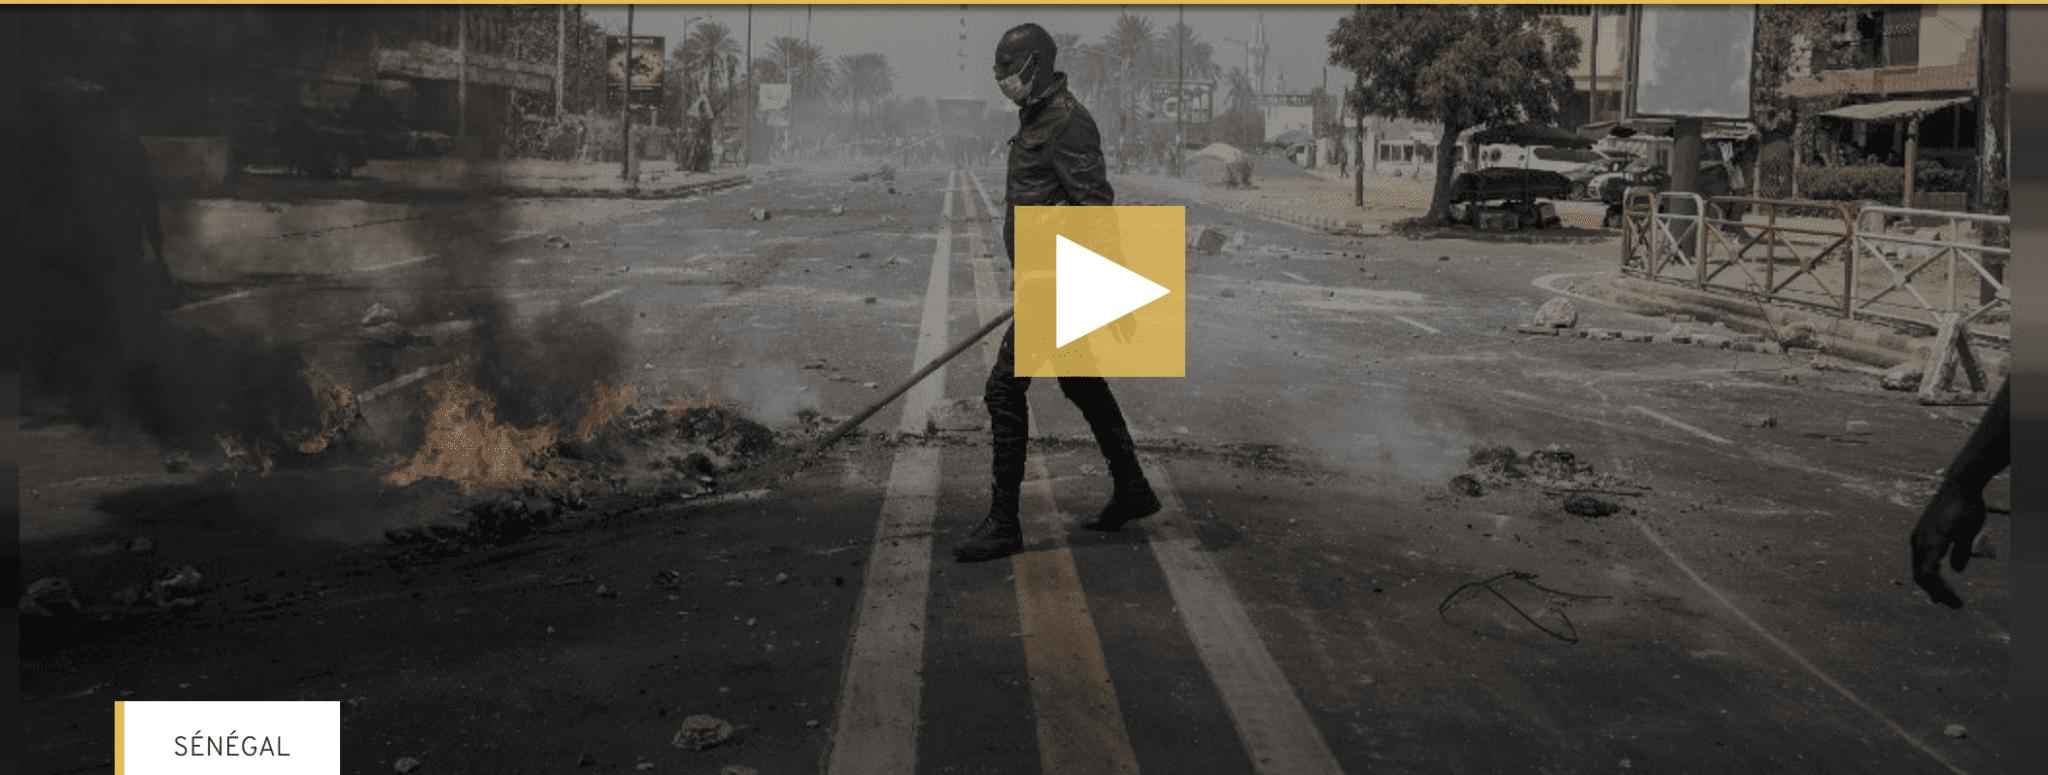 Sénégal : Un Mort Dans Des Heurts Après L'Arrestation D'Ousmane Sonko